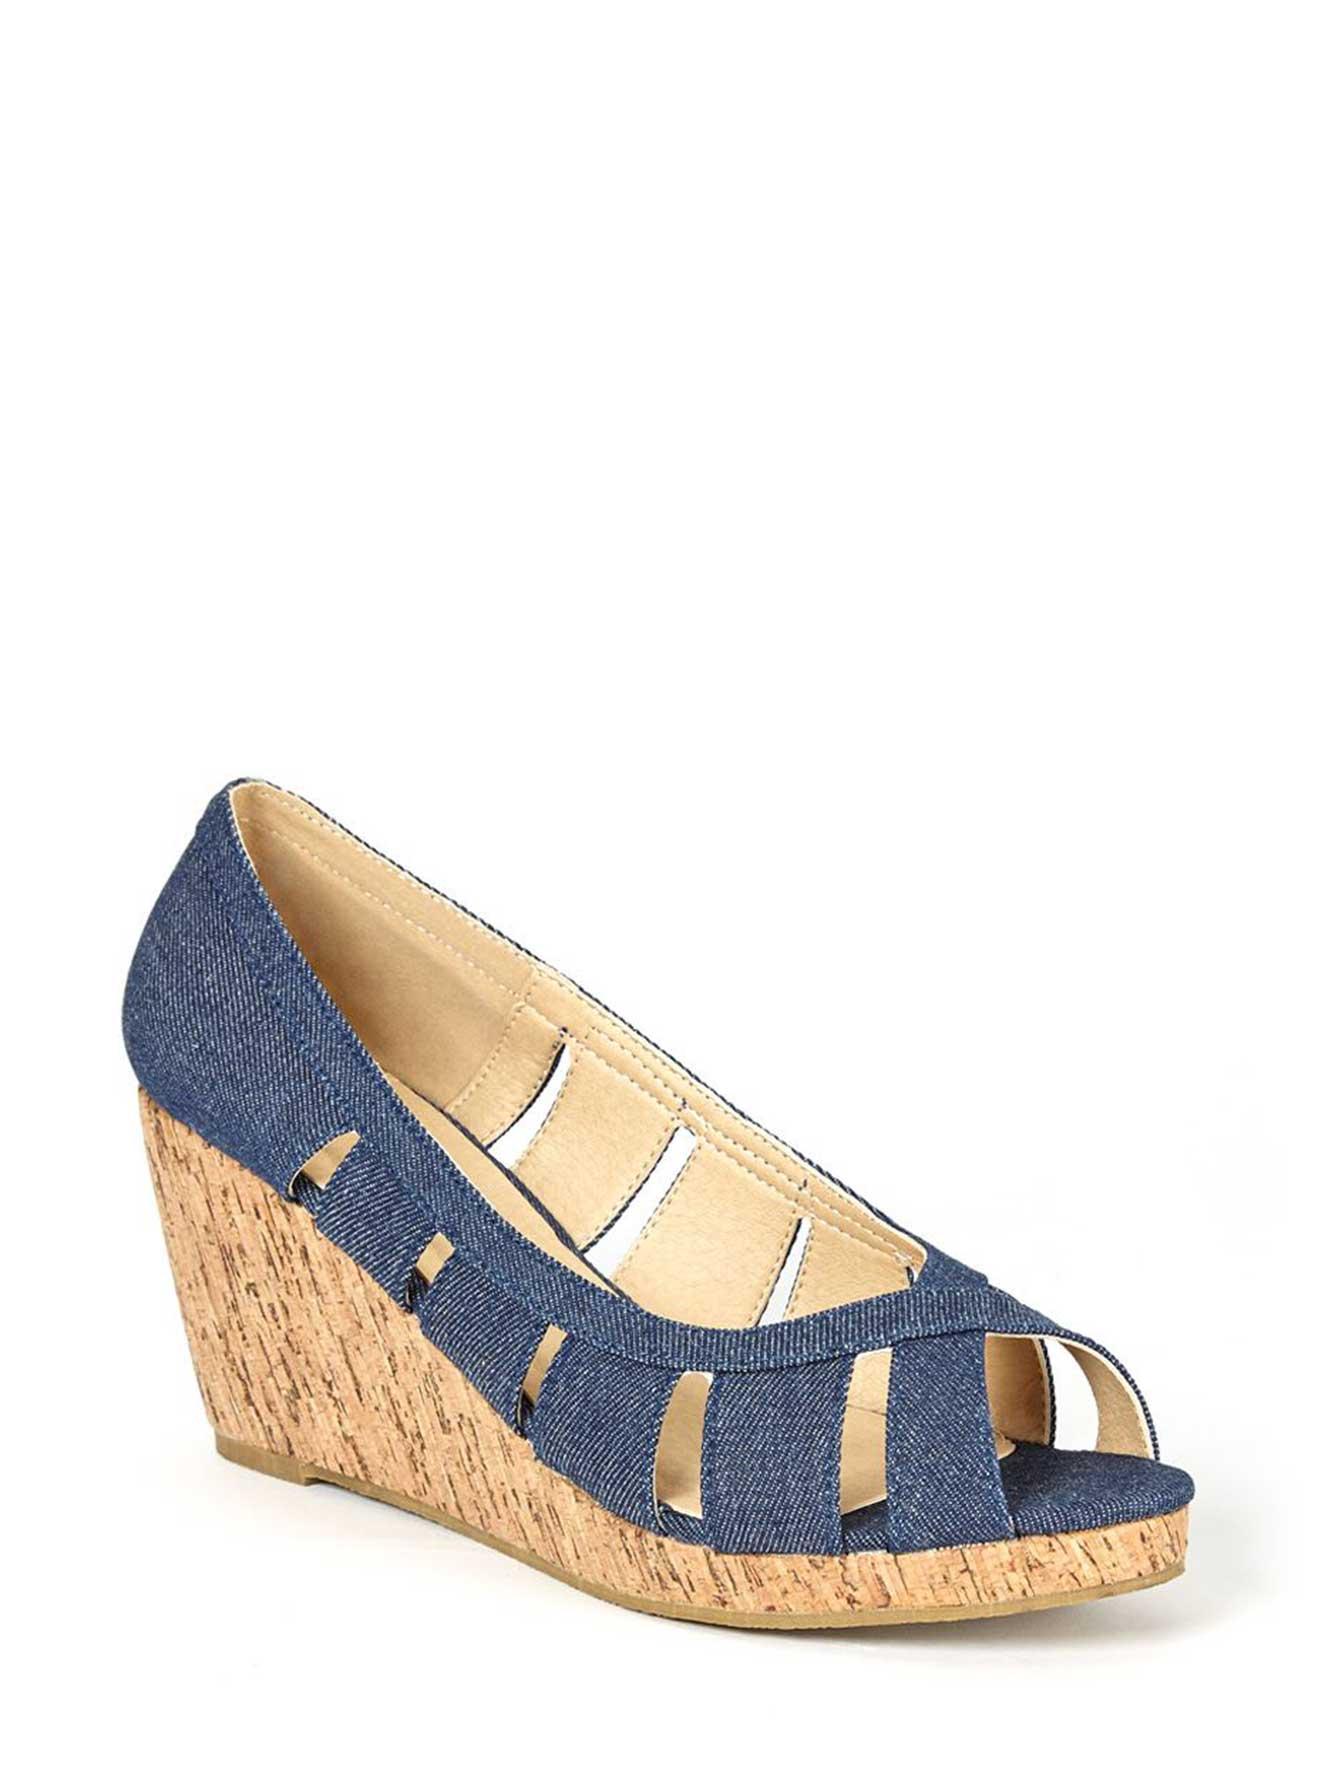 chaussures en denim semelle compens e pieds larges penningtons. Black Bedroom Furniture Sets. Home Design Ideas